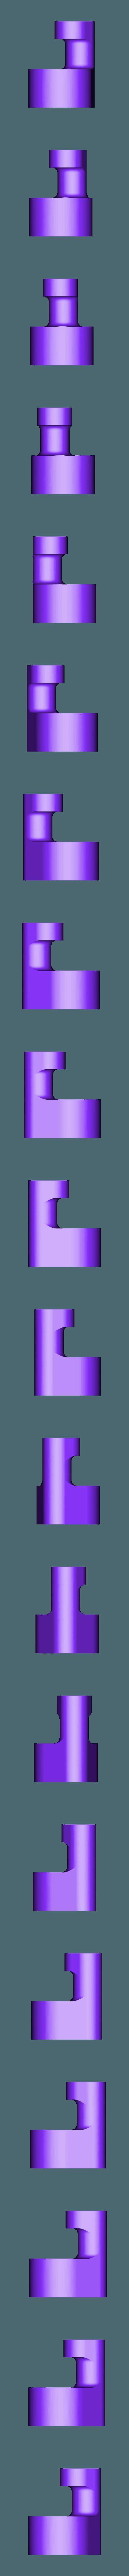 Crank_Valve.stl Télécharger fichier STL gratuit Vapemobile : Voiture jouet pneumatique • Modèle pour imprimante 3D, Slava_Z